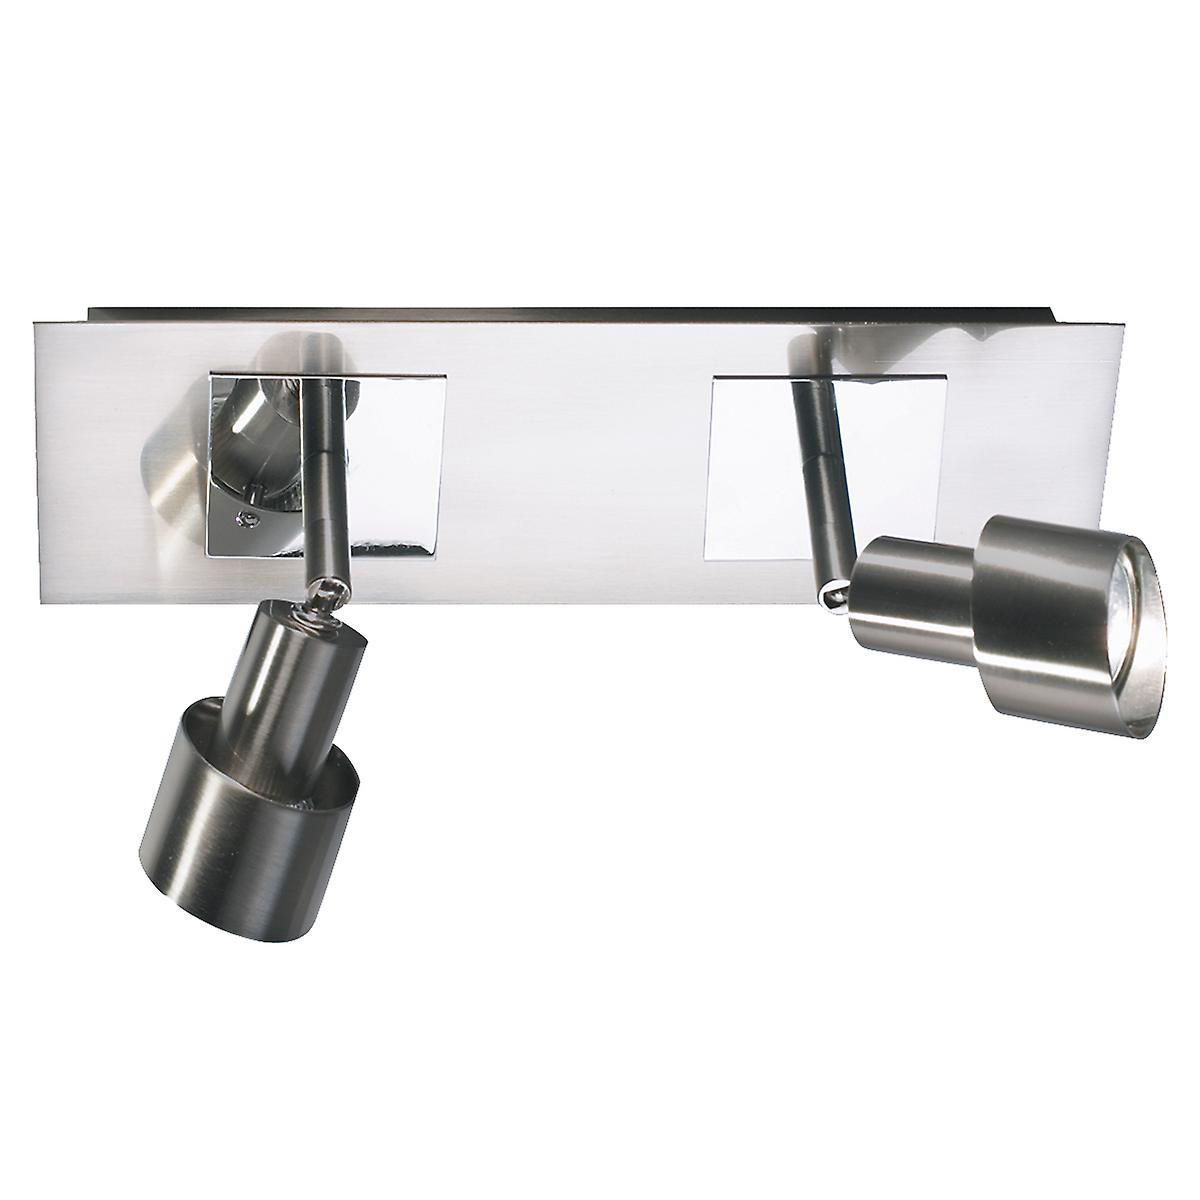 Dar FUT7746 Futura Switched Halogen Wall Spotlight Bar